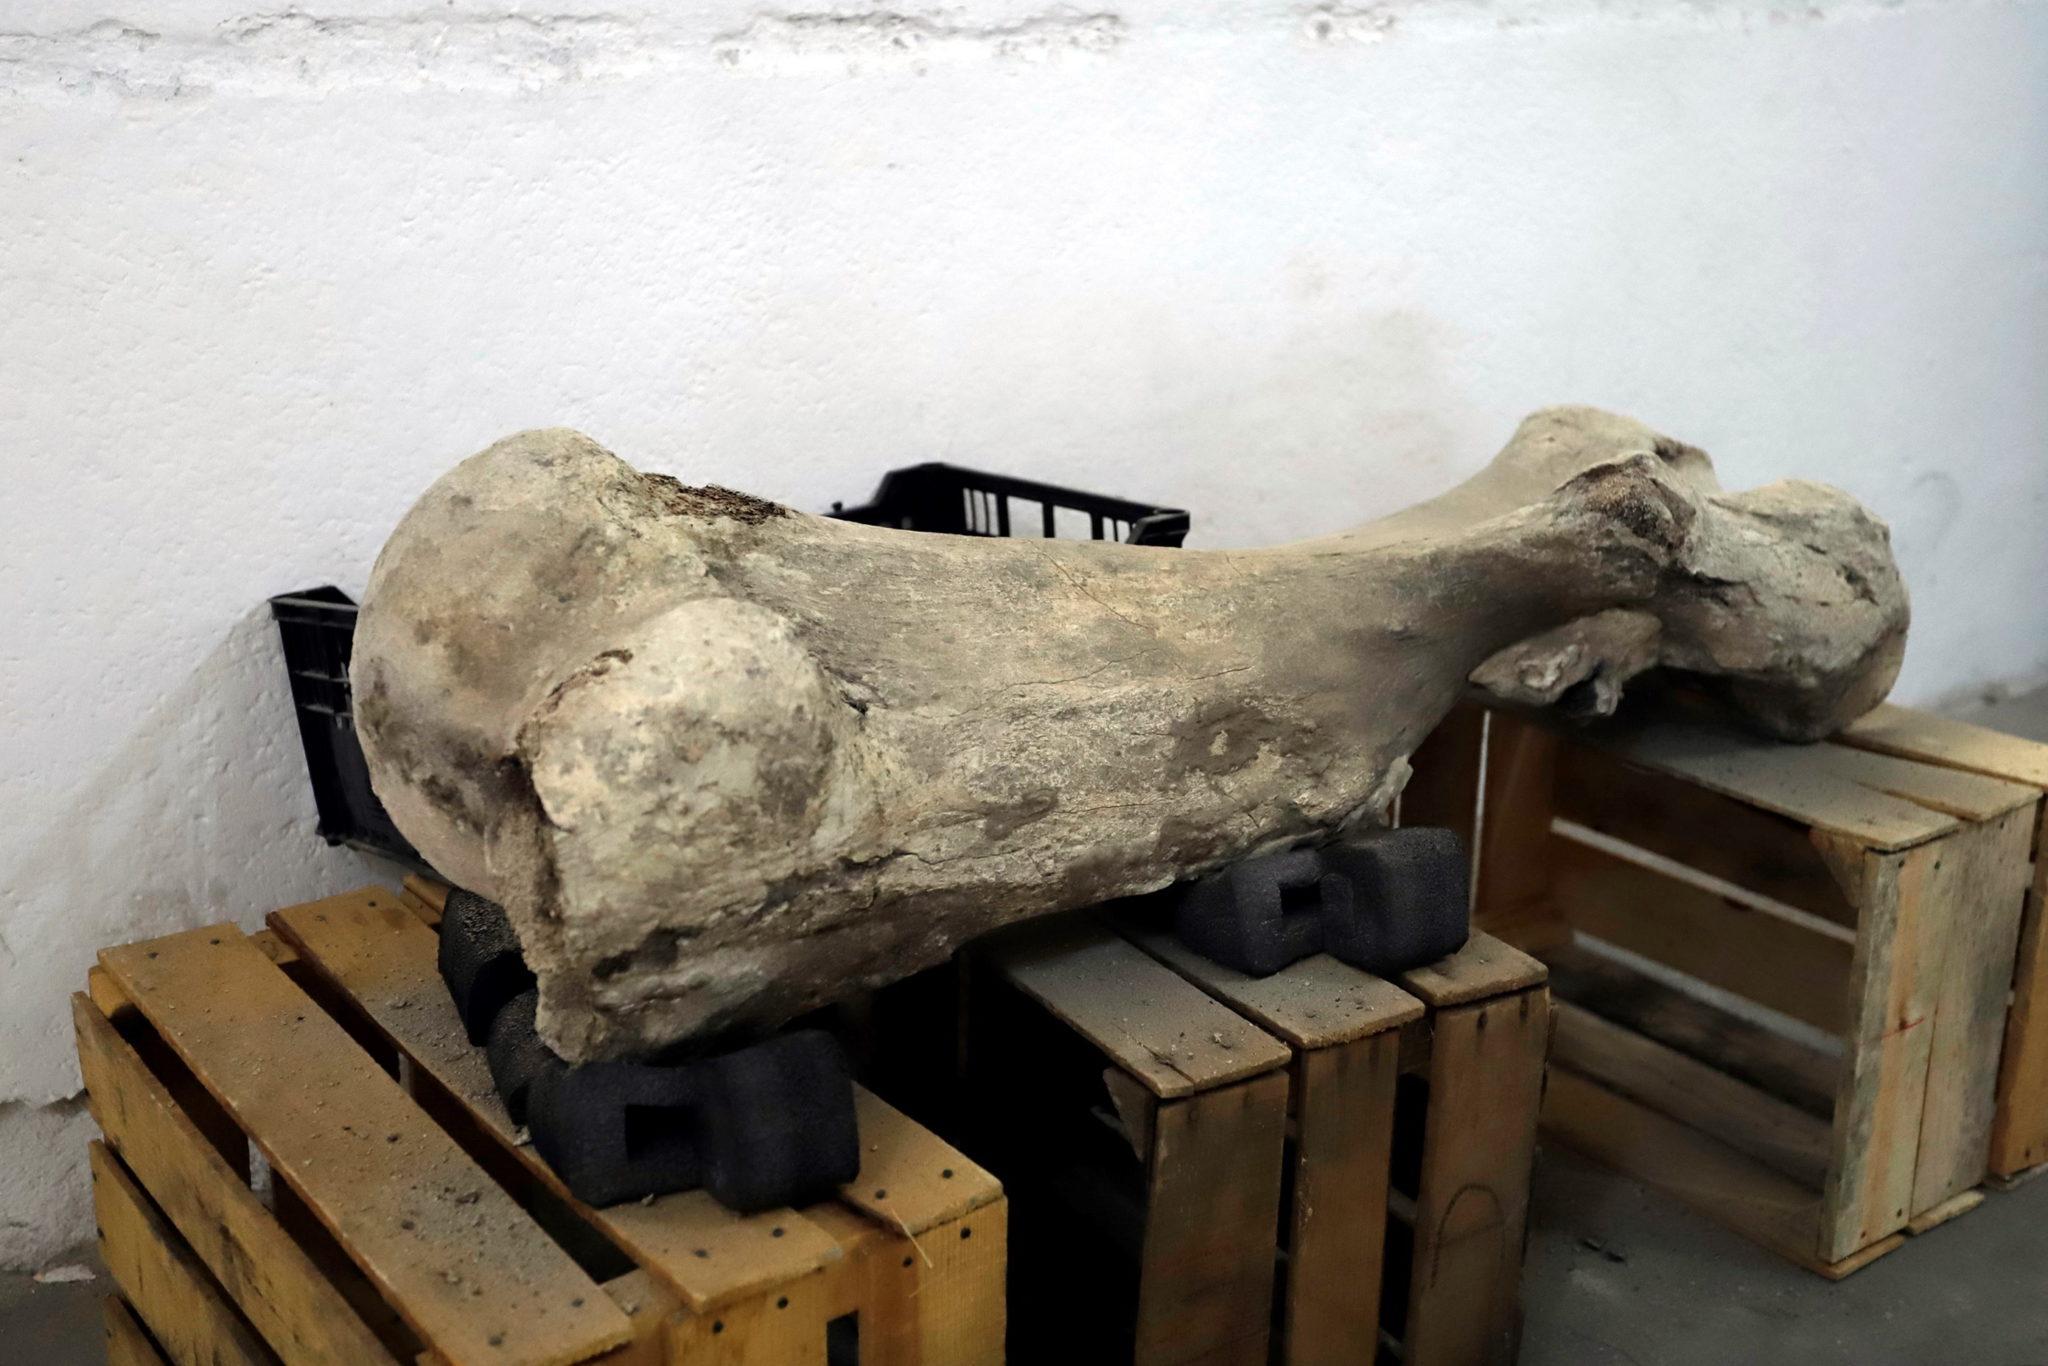 Szczątki szacuje się na wiek od 10 do 14 tysięcy lat. Znaleziono je podczas prac na prywatnej ziemi w stanie Puebla. fot. Hilda Rios, PAP/EPA